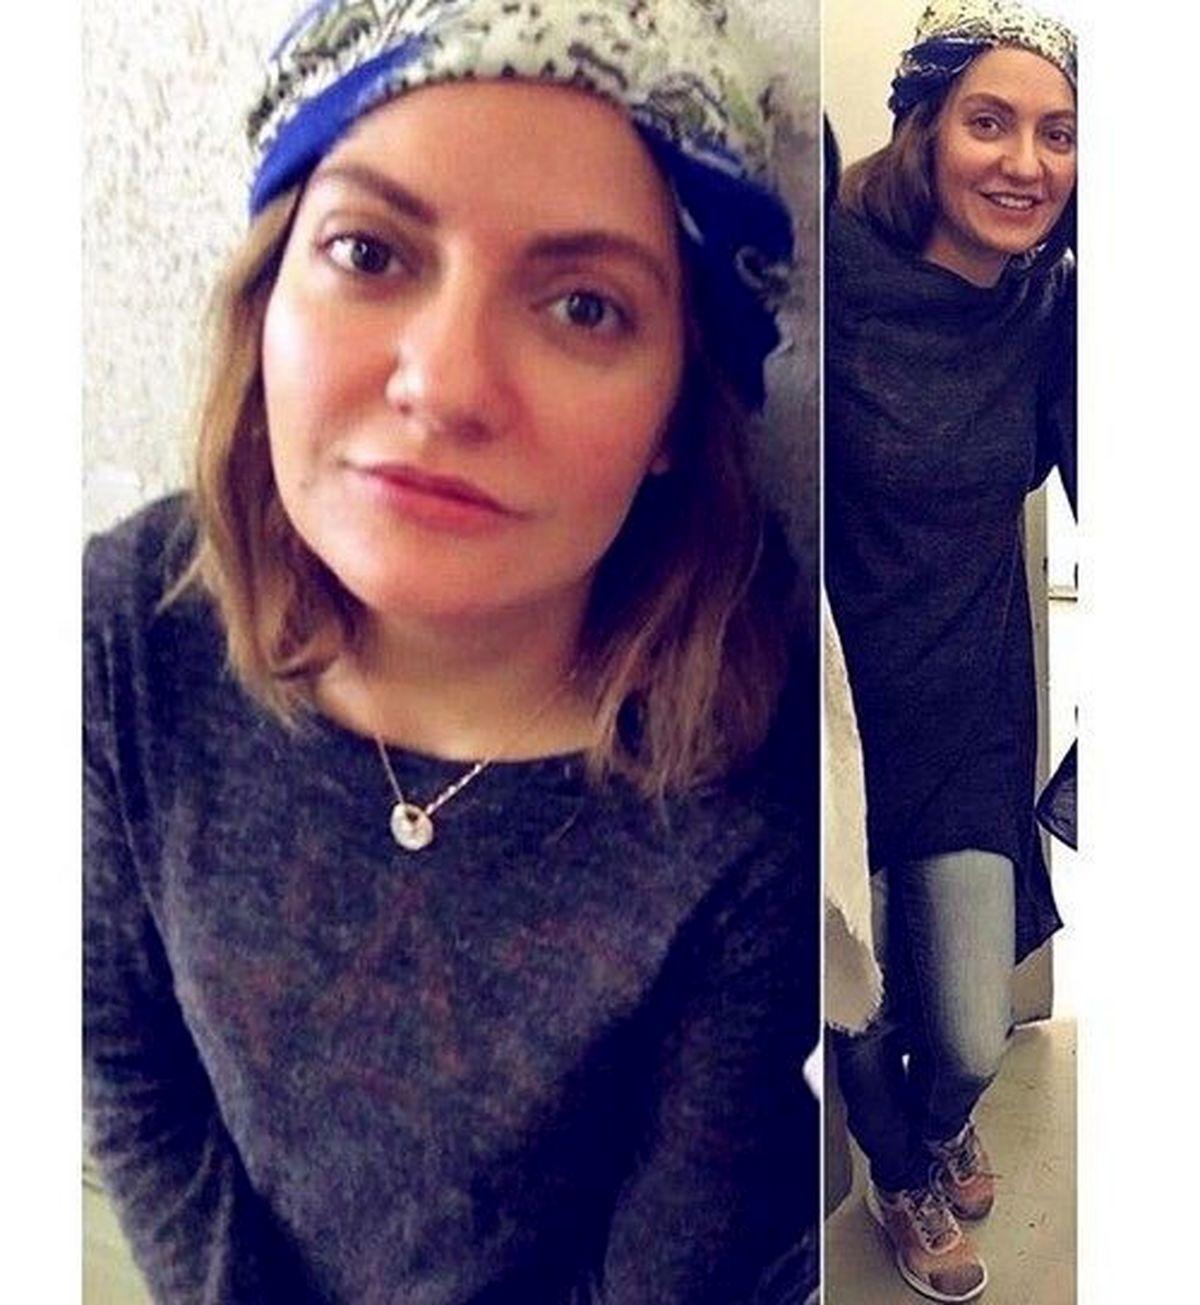 چهره و لباس عجیب مهناز افشار +عکس